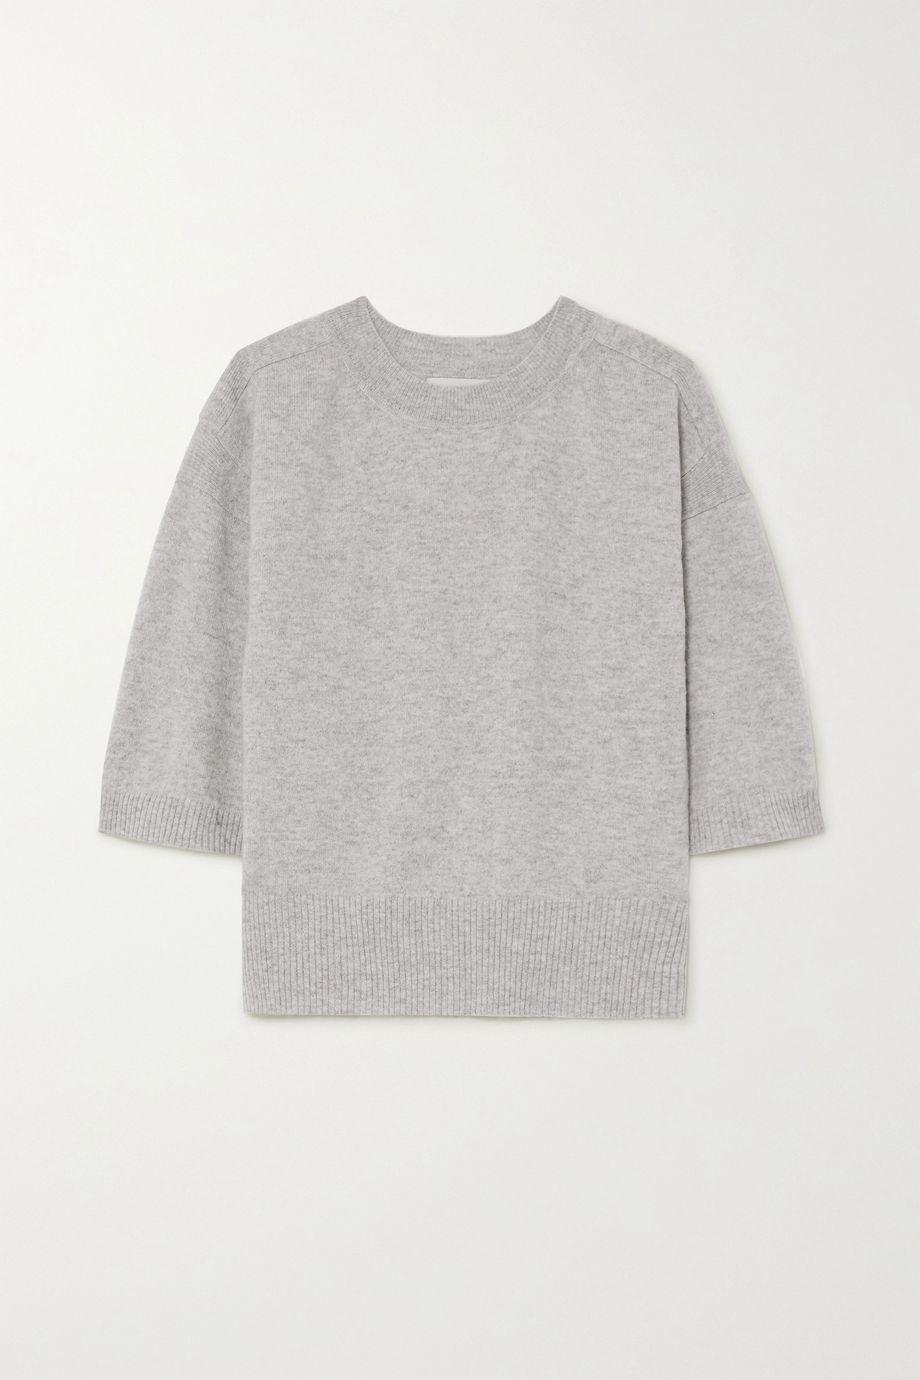 LOULOU STUDIO Hao mélange cashmere sweater